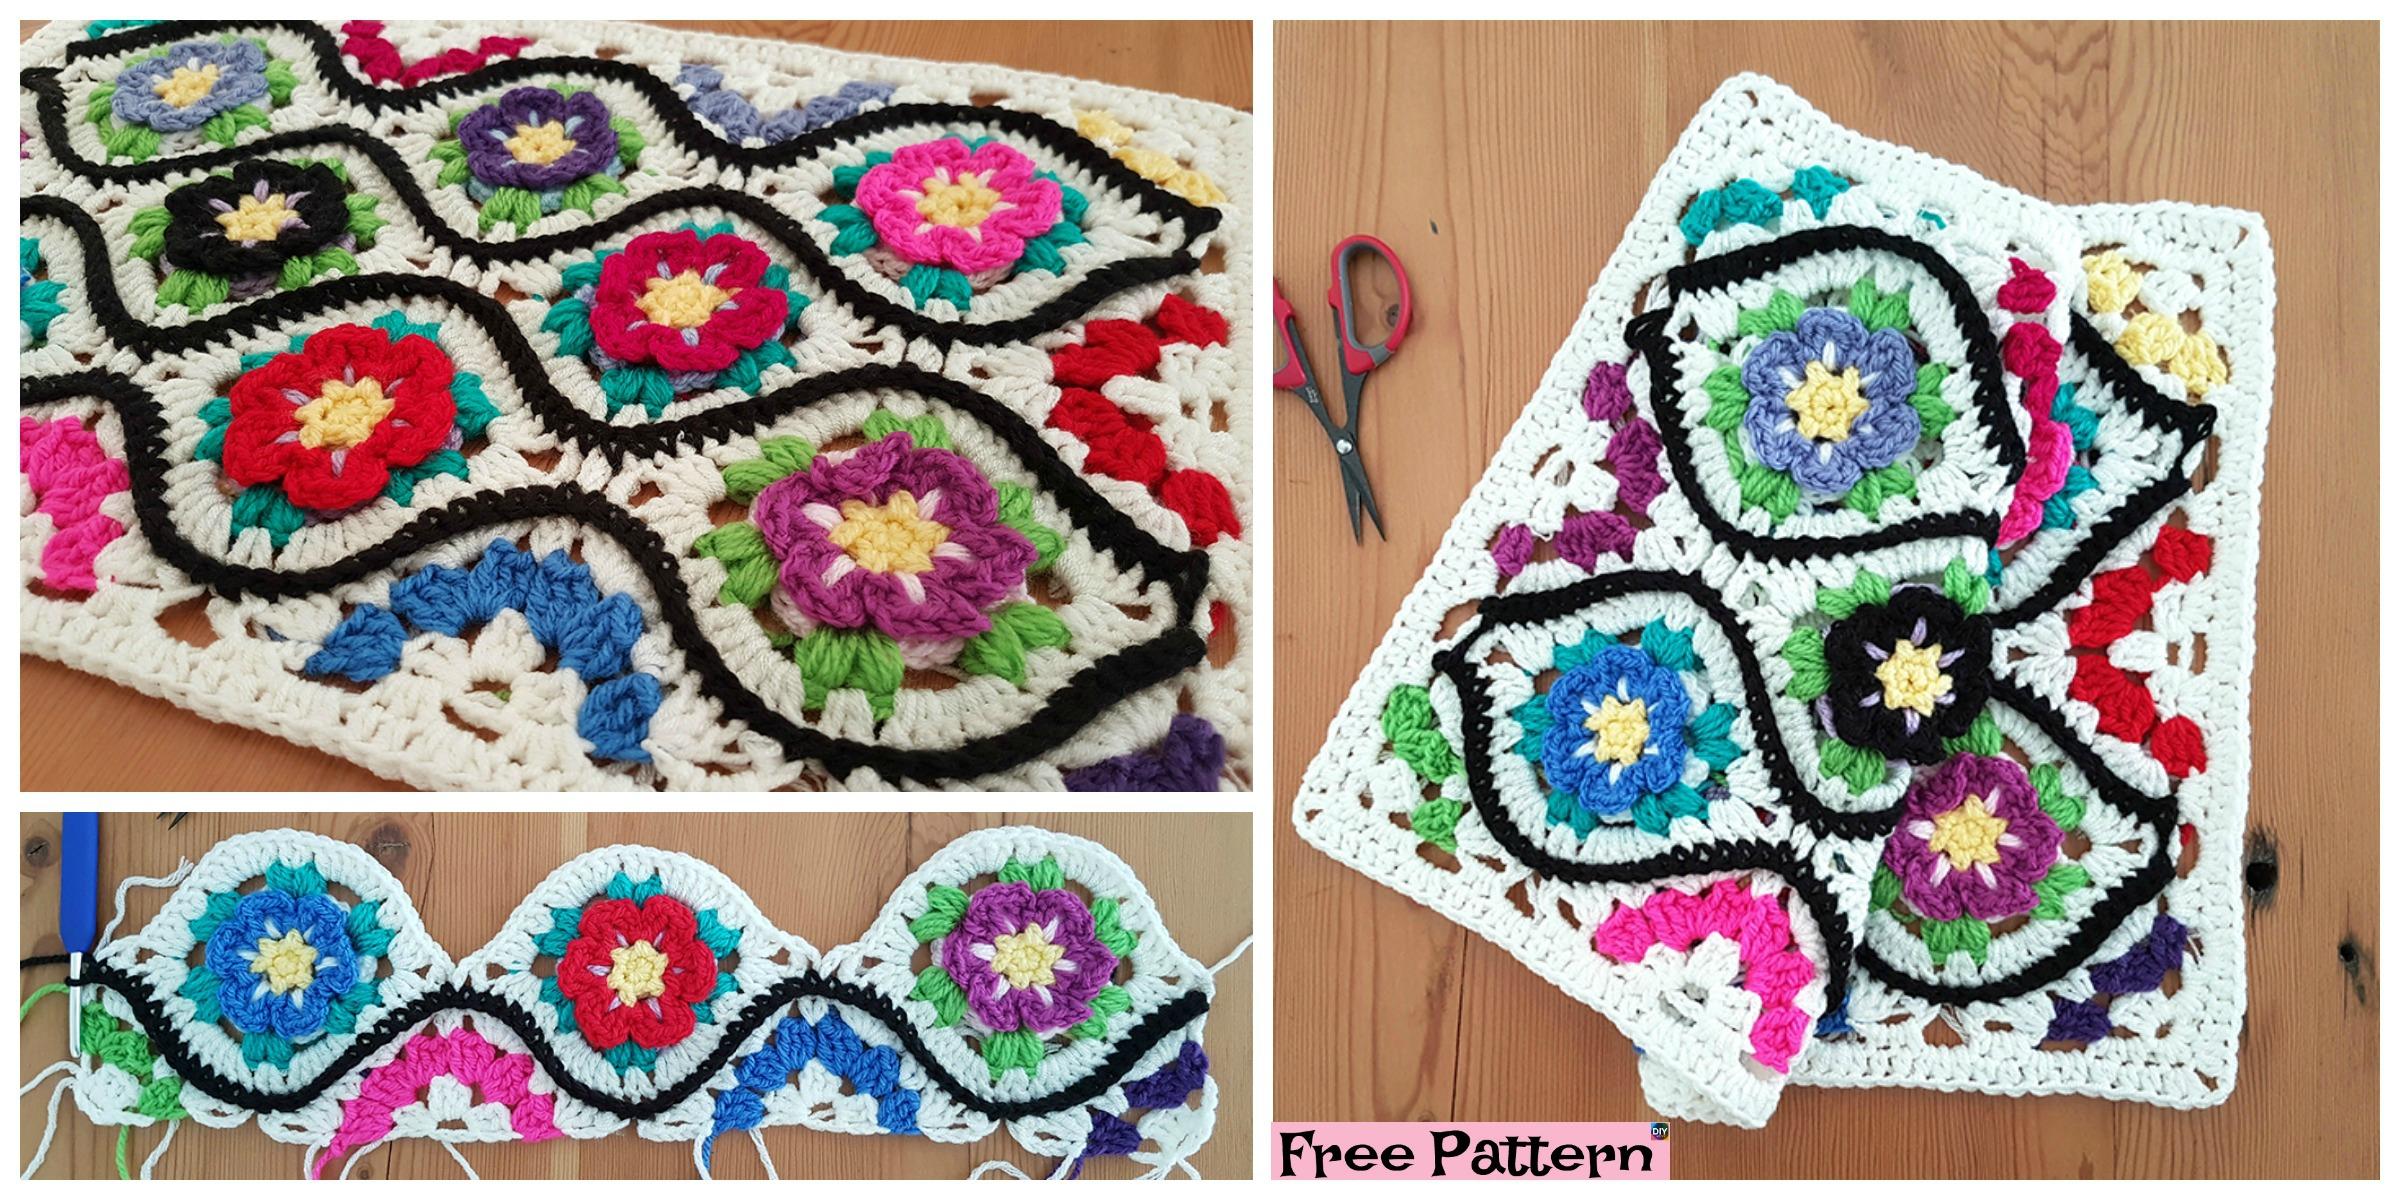 Crochet Moroccan Garden Afghan  – Free Pattern